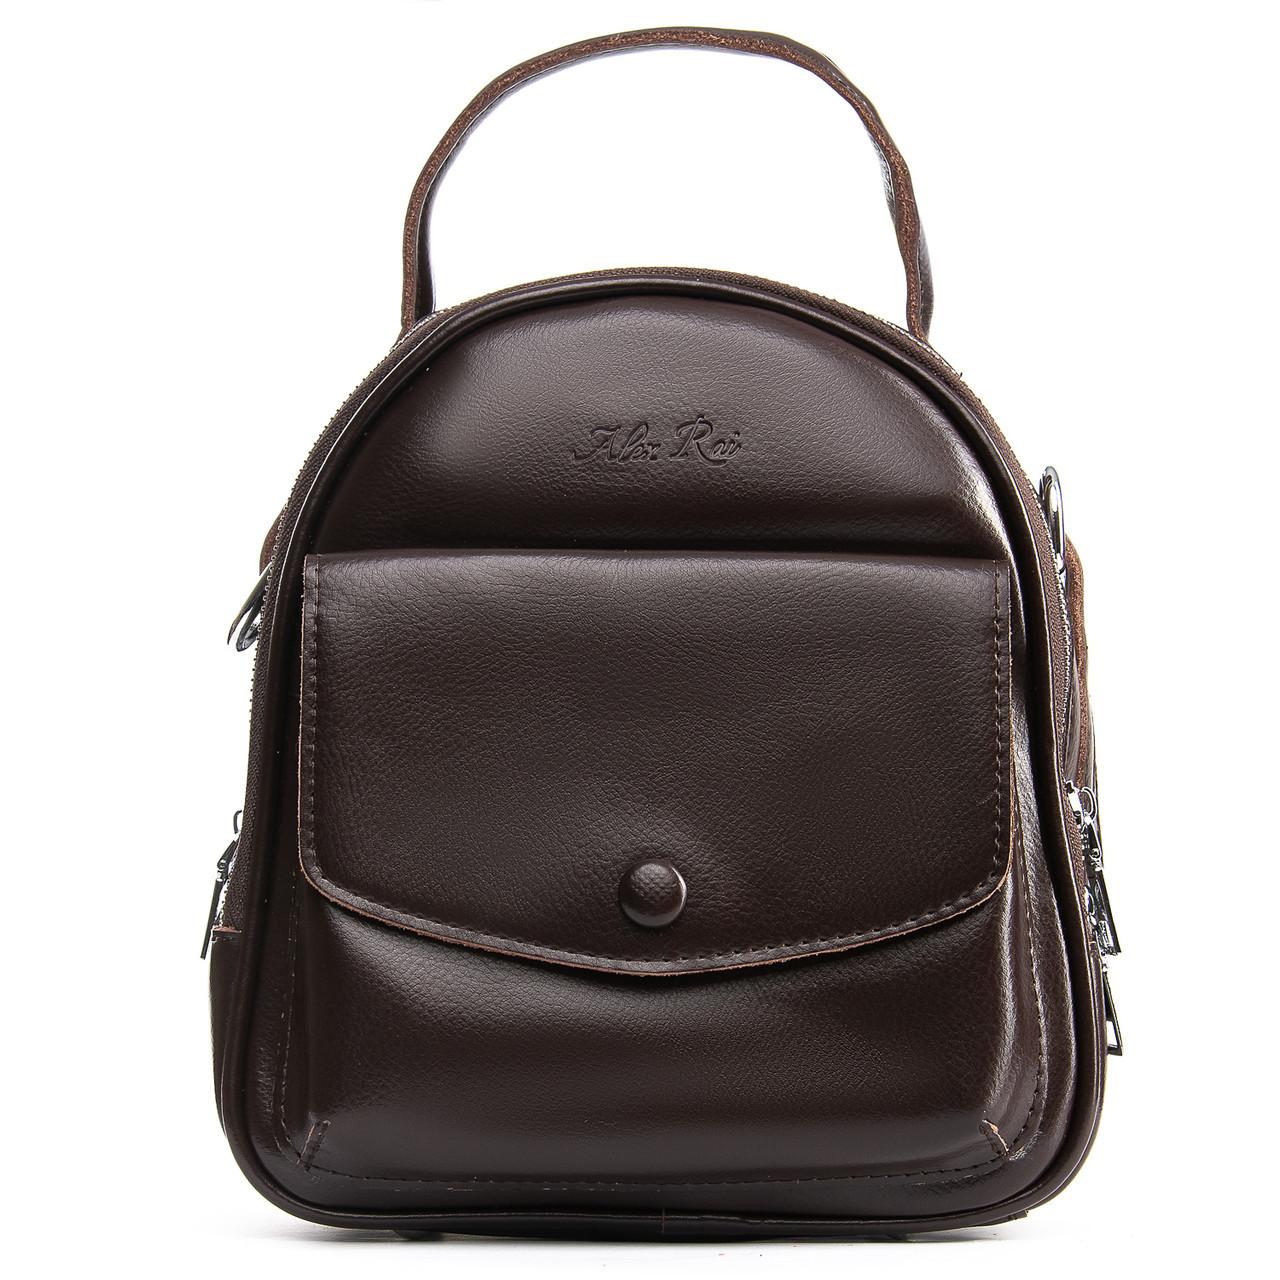 Сумка Женская Рюкзак кожа ALEX RAI 09-2 2229-220 brown